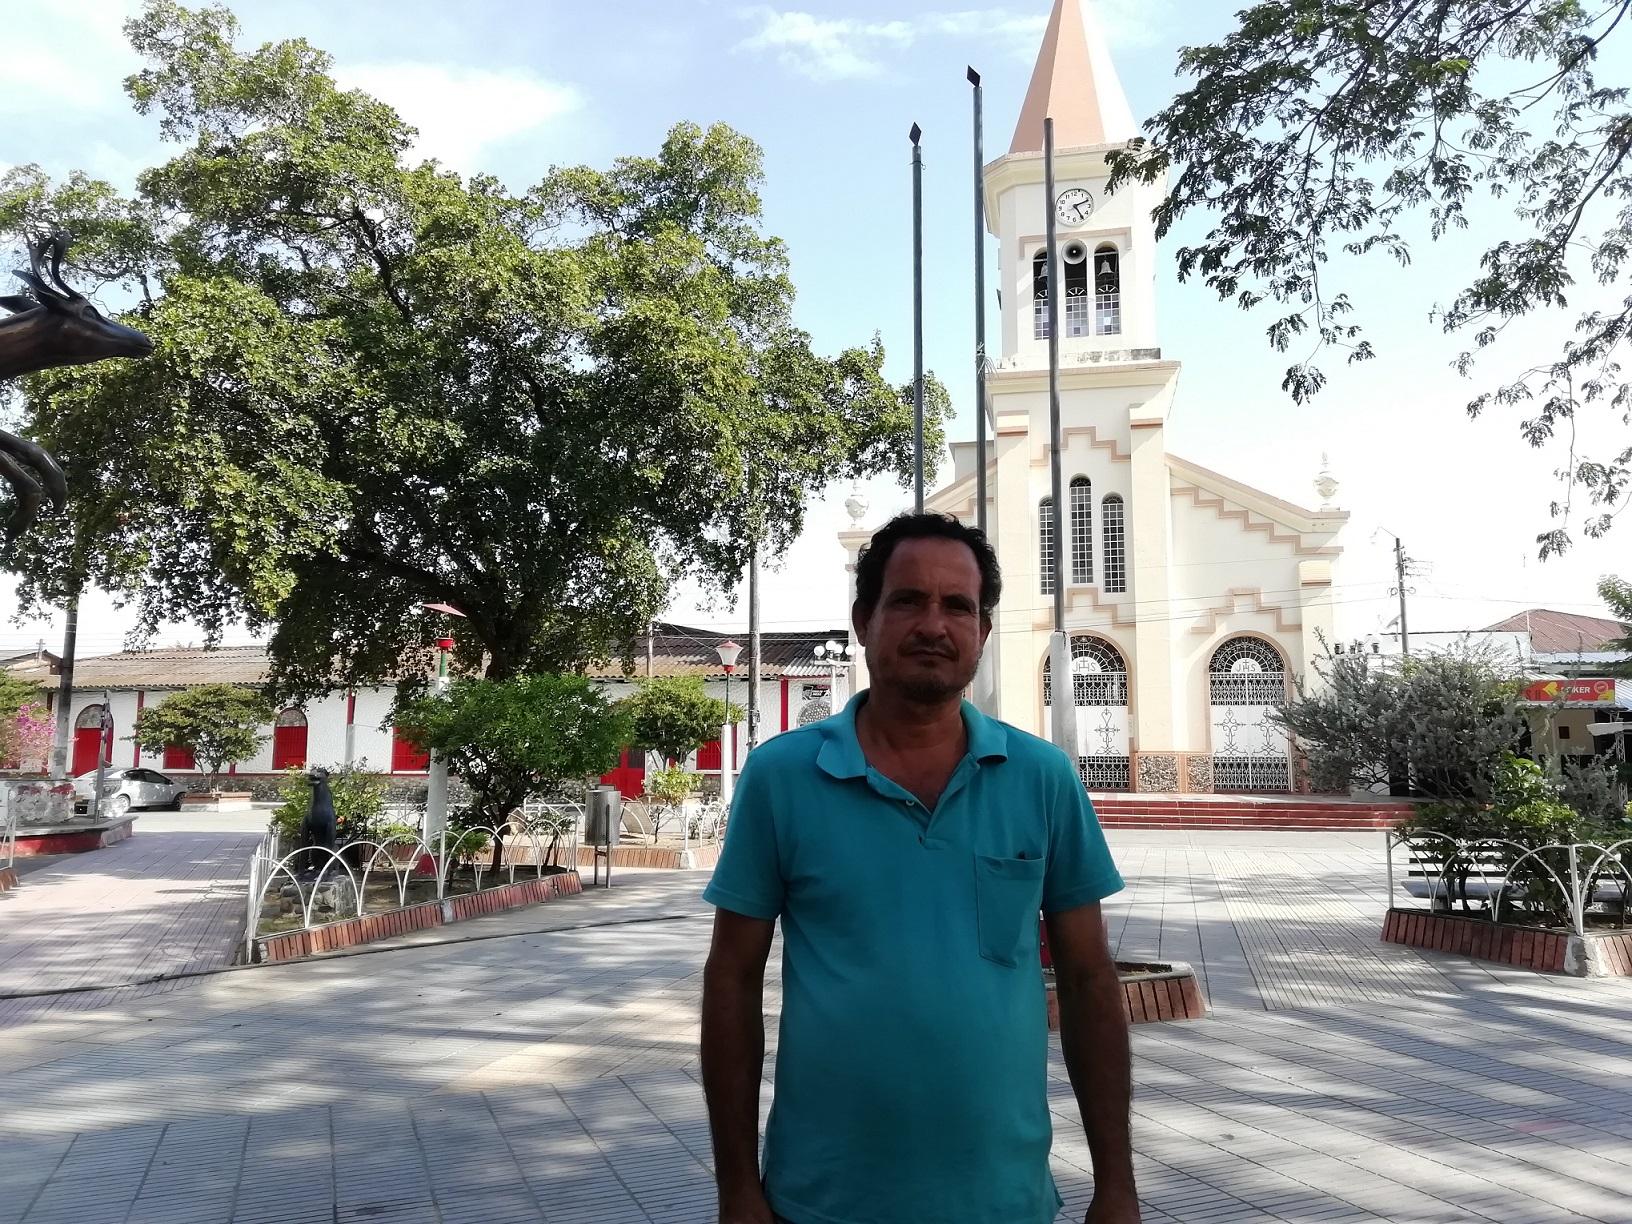 Hermán Rolando Troncoso, historiador y víctima del conflicto armado en Venadillo (Tolima). Foto: Adriana Chica.